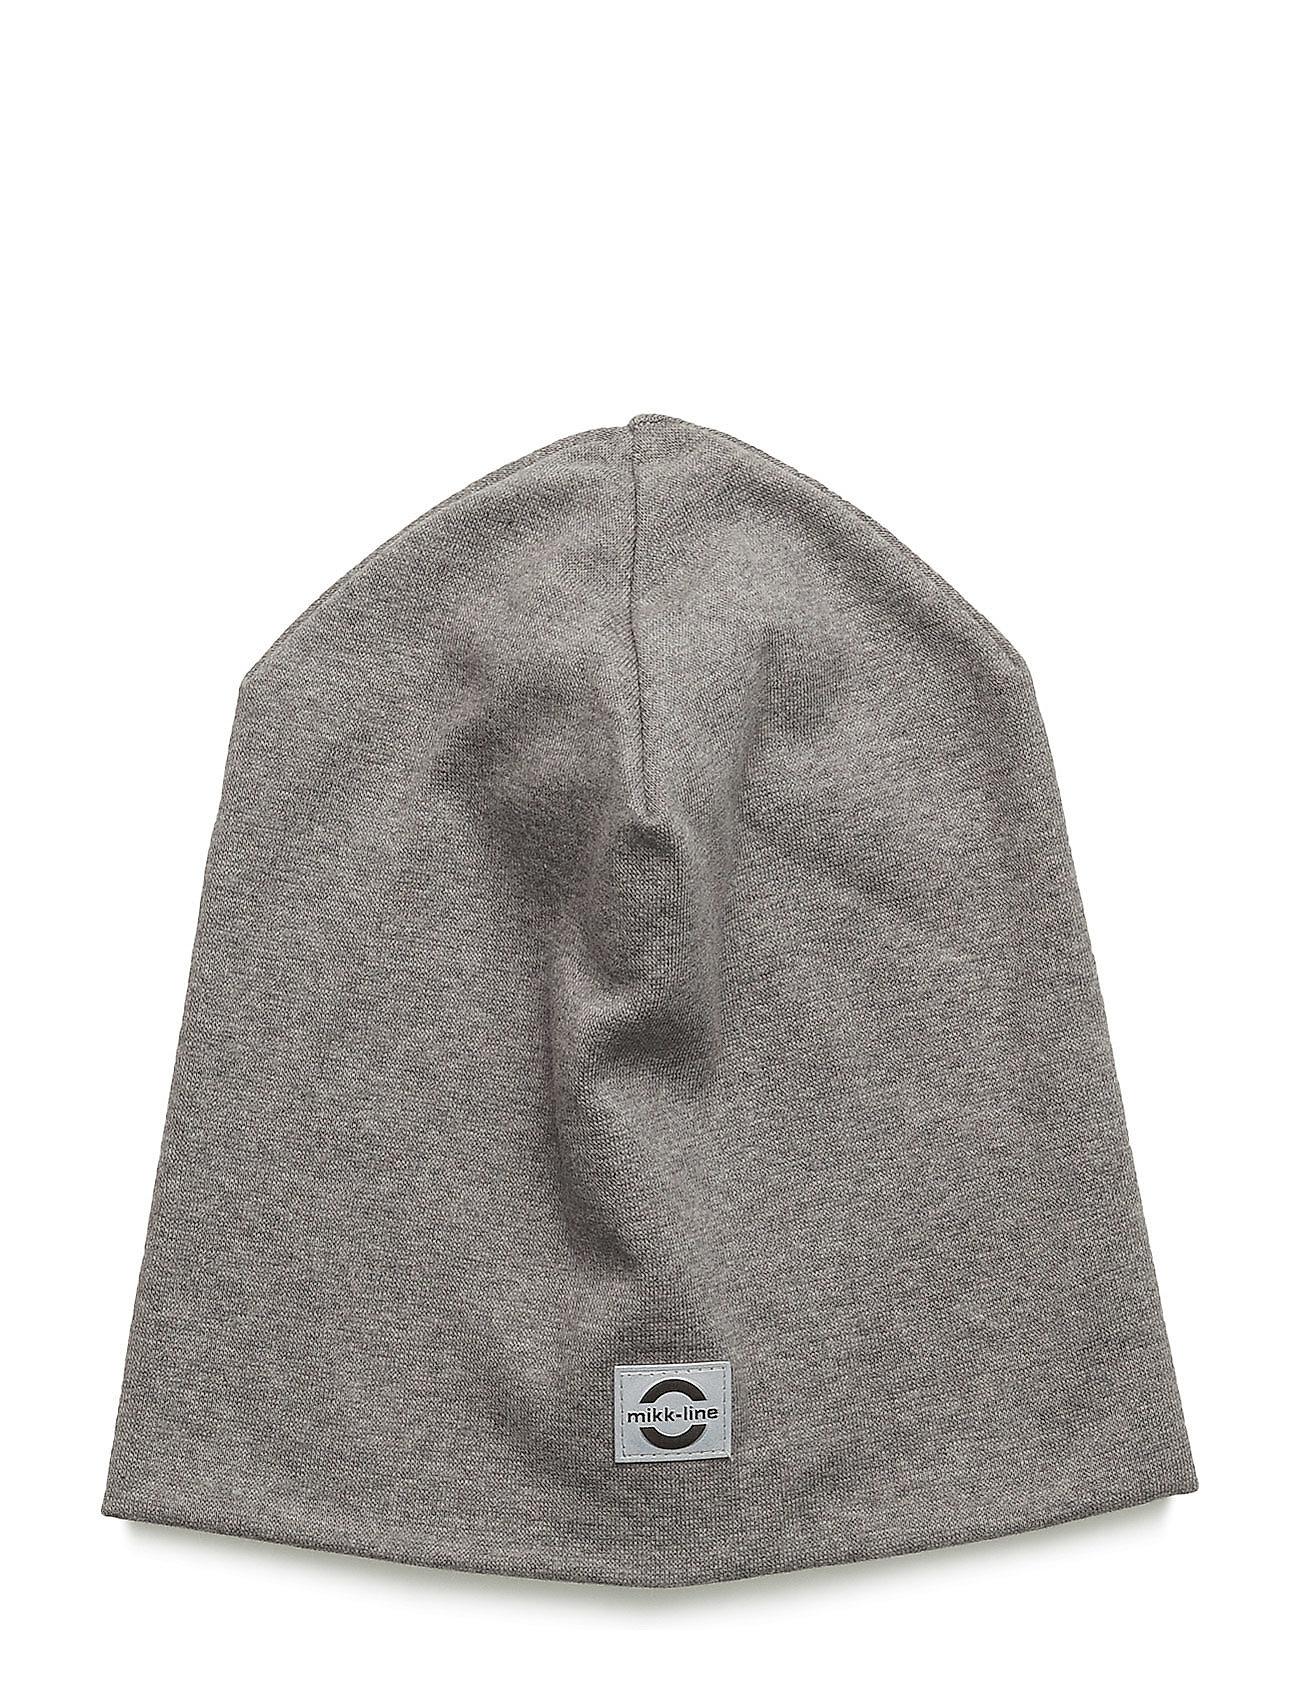 Image of Cotton Hat - Solid Hue Grå MIKK-LINE (2447293149)